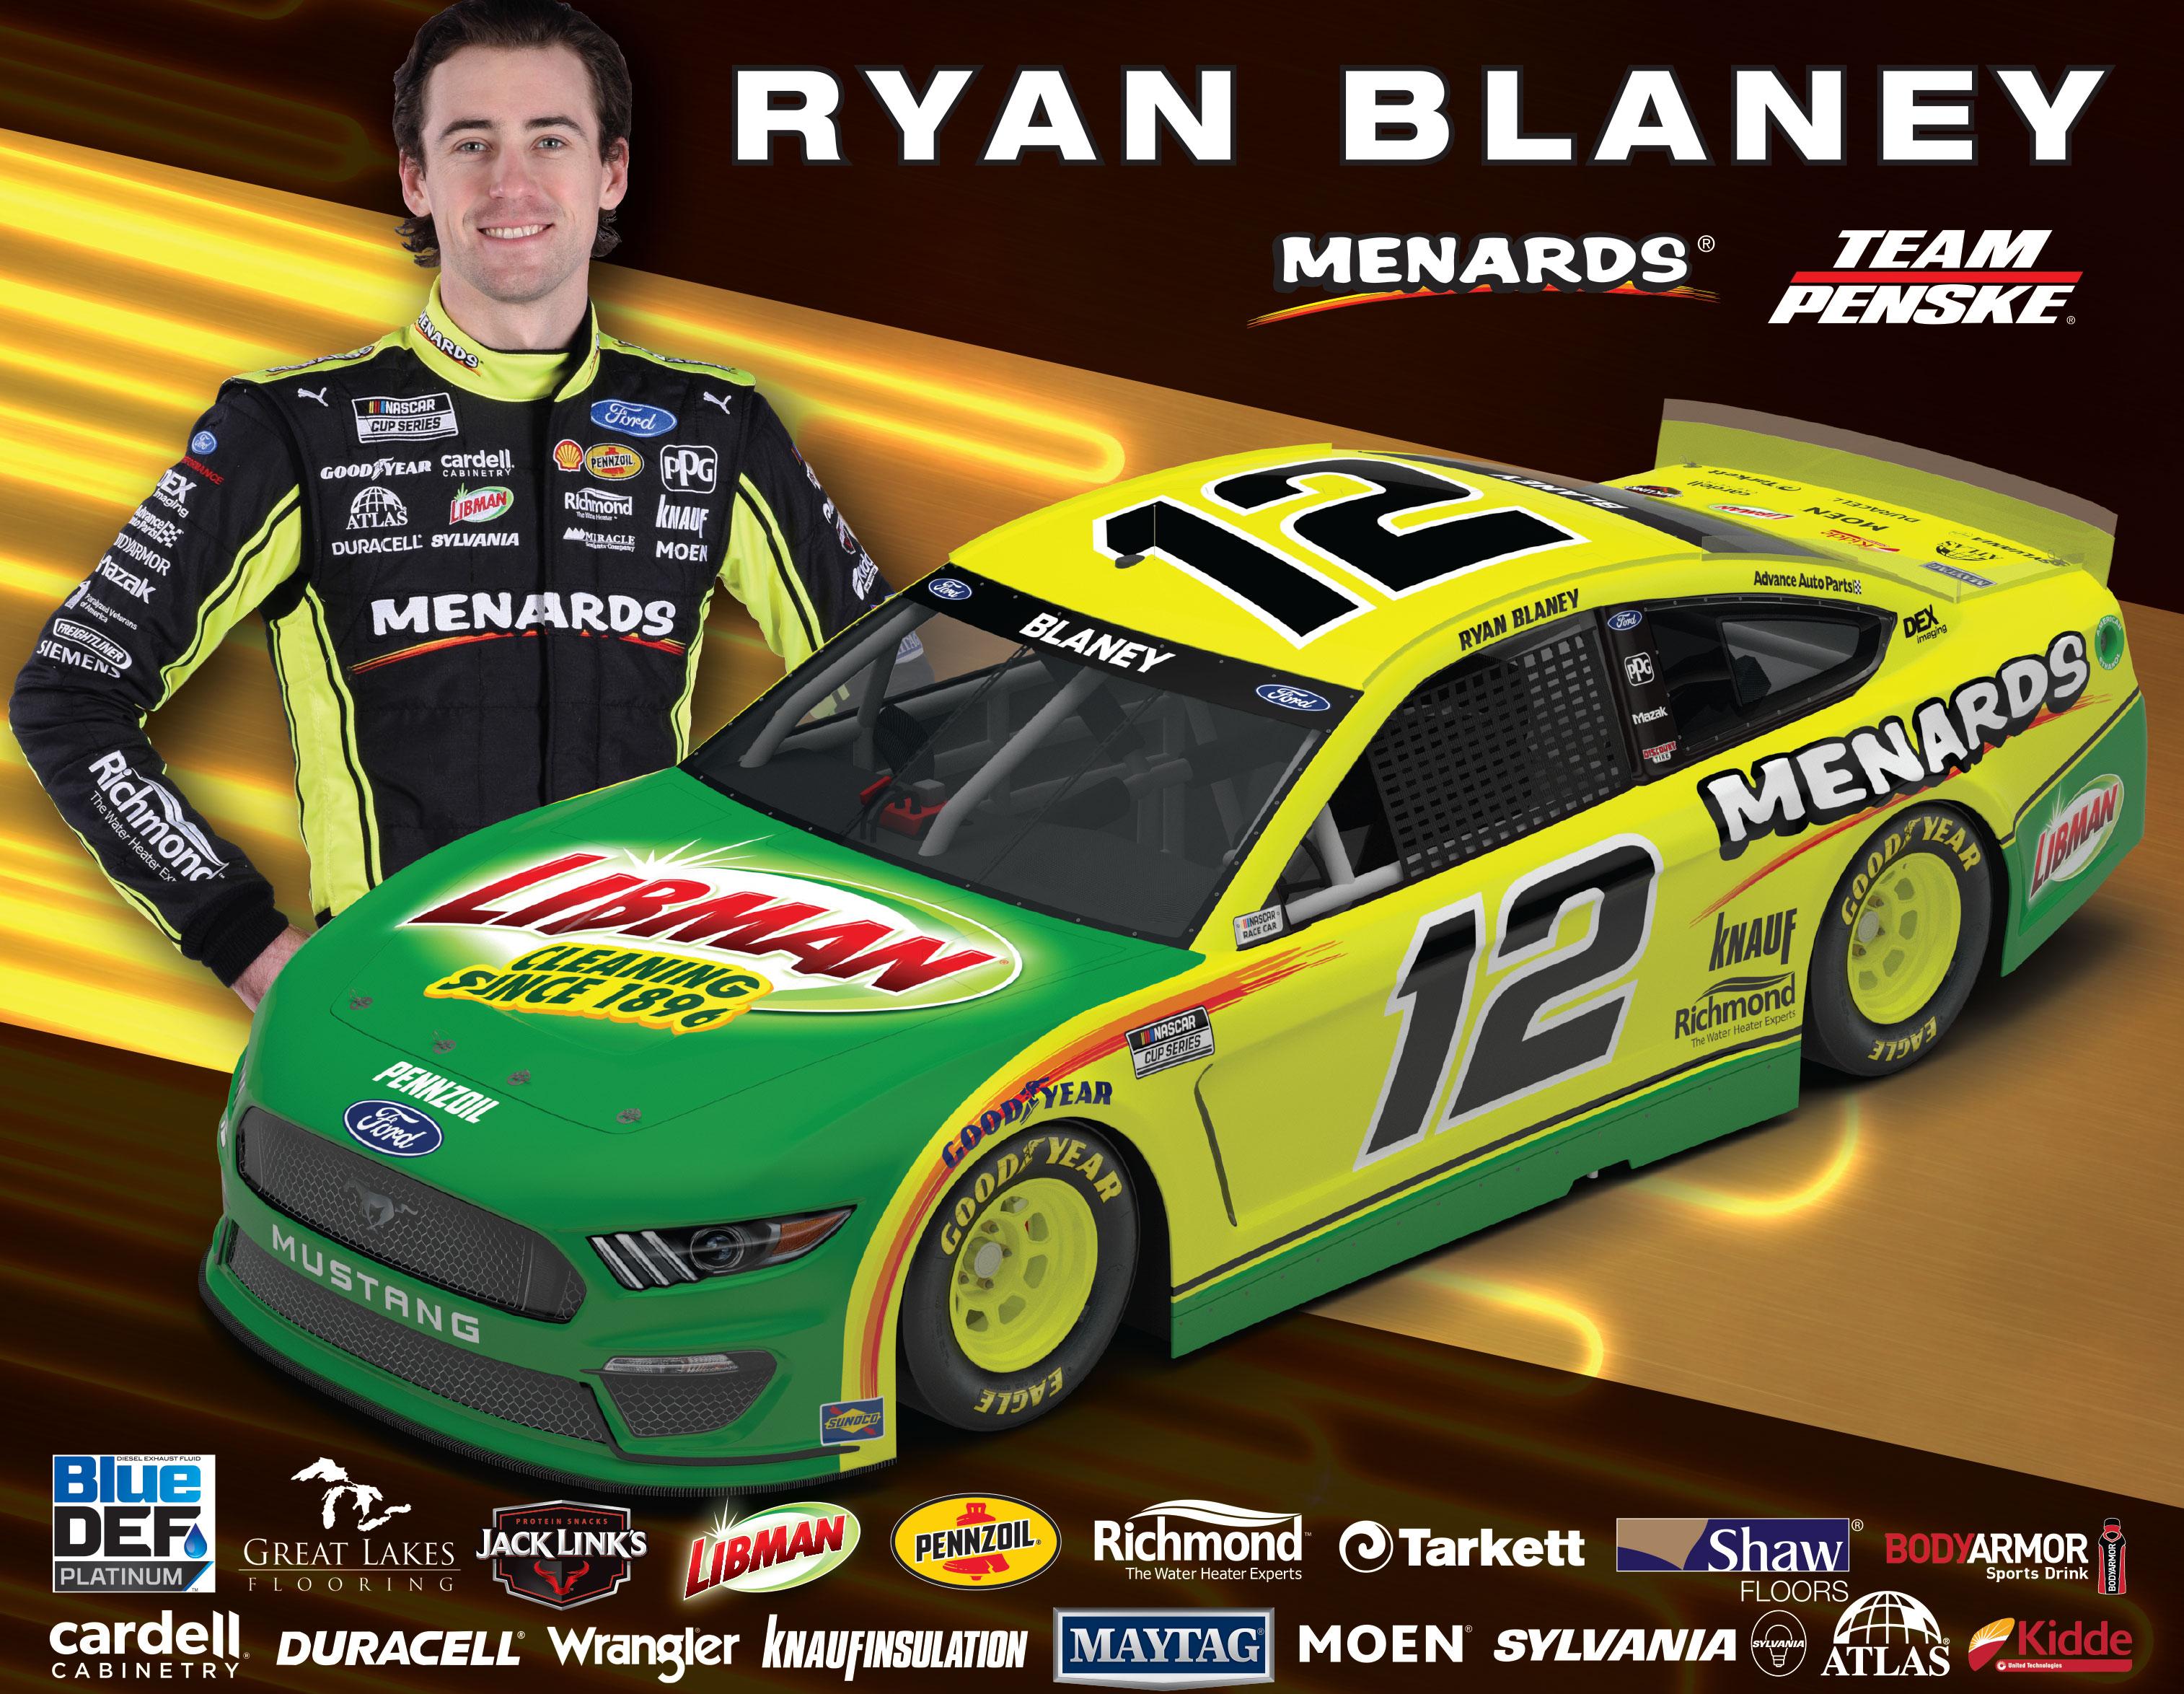 Team Penske Ryan Blaney Hero Card